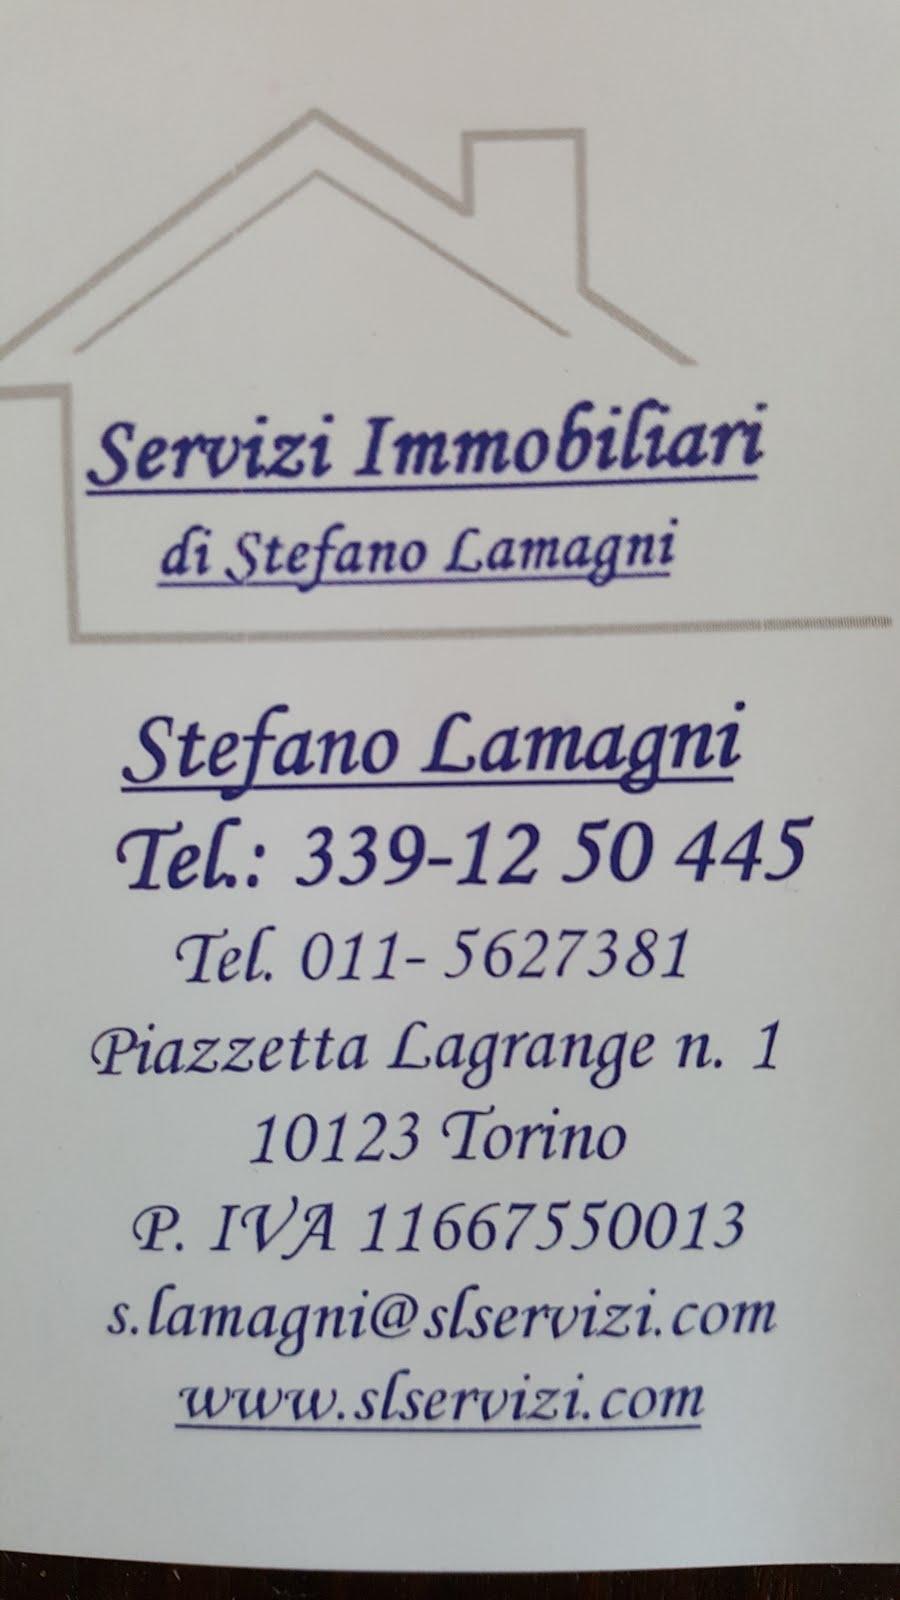 SERVIZI IMMOBILIARI STEFANO LAMAGNI